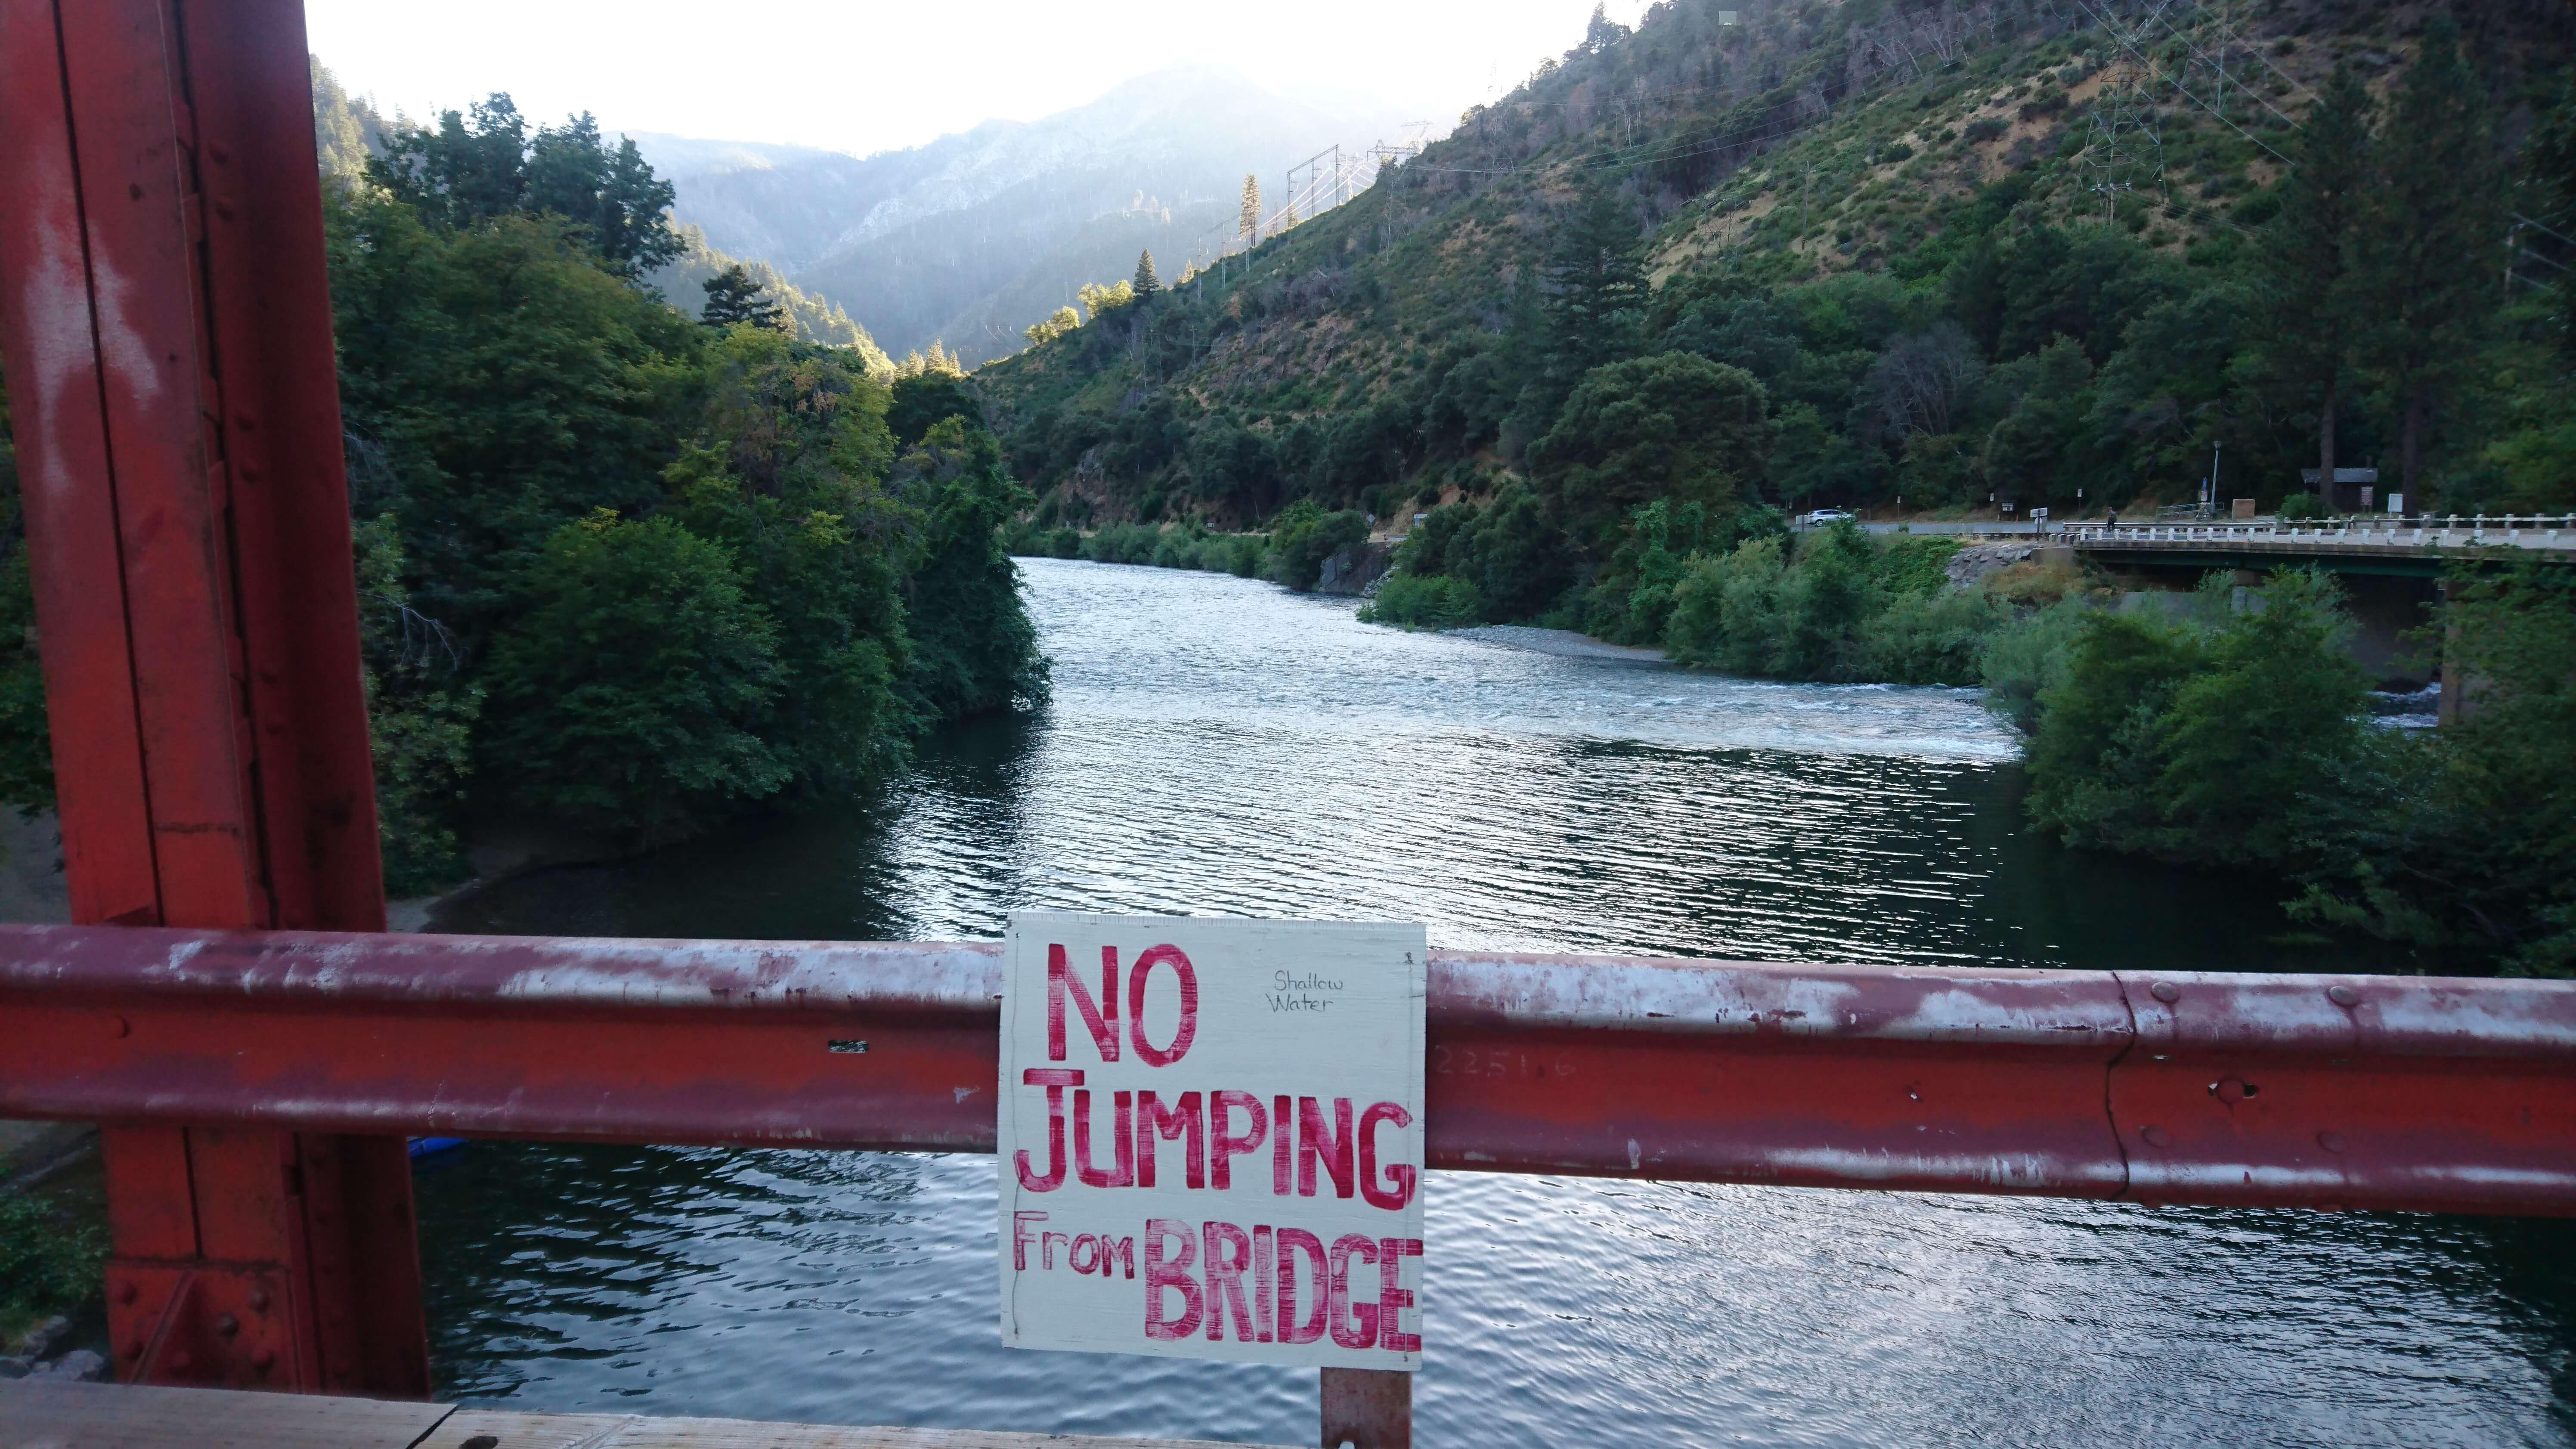 Dans le doute, je le répète, ne pas sauter du pont !